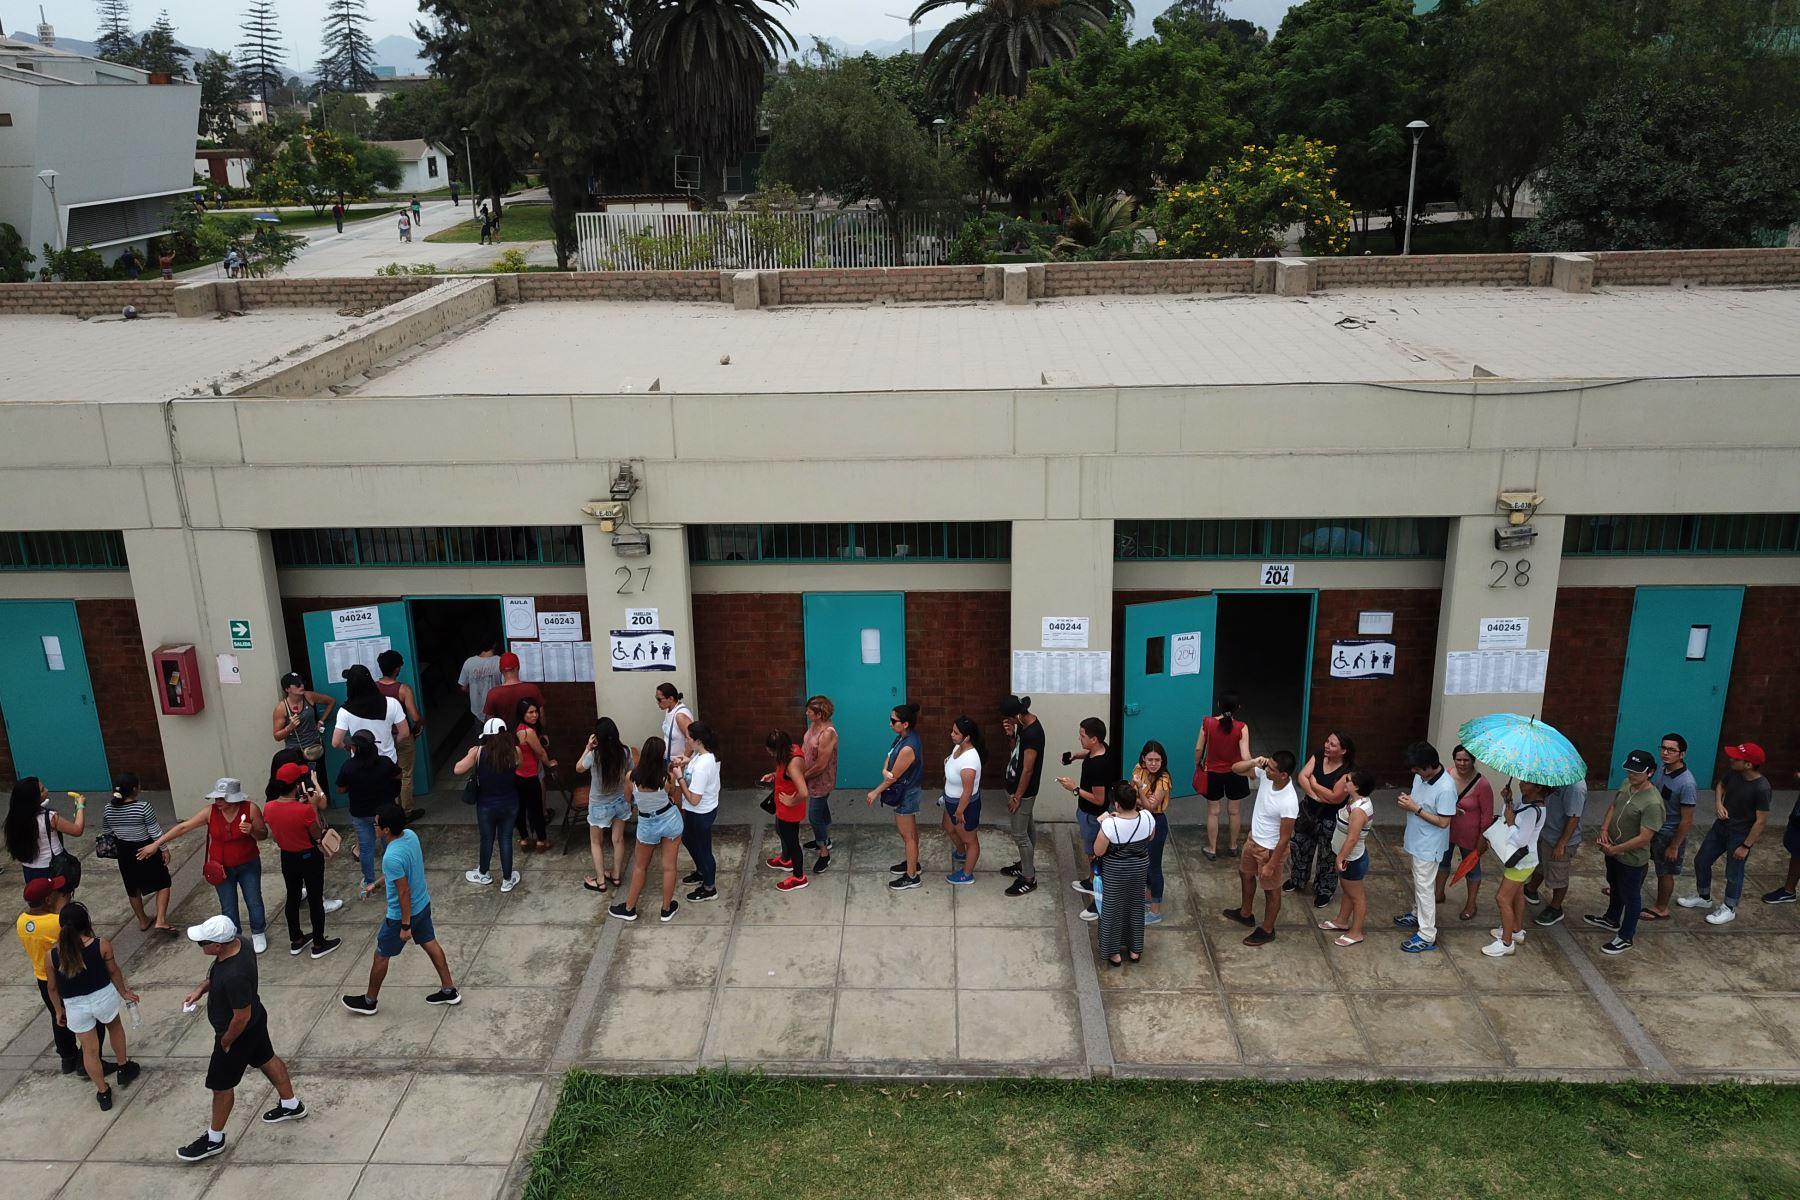 Imagenes tomadas con dron de la multitud de personas que llegan al centro de votación de la Universidad Agraria por las Elecciones Congresales Extraordinarias 2020. Foto: ANDINA/Juan Carlos Guzmán